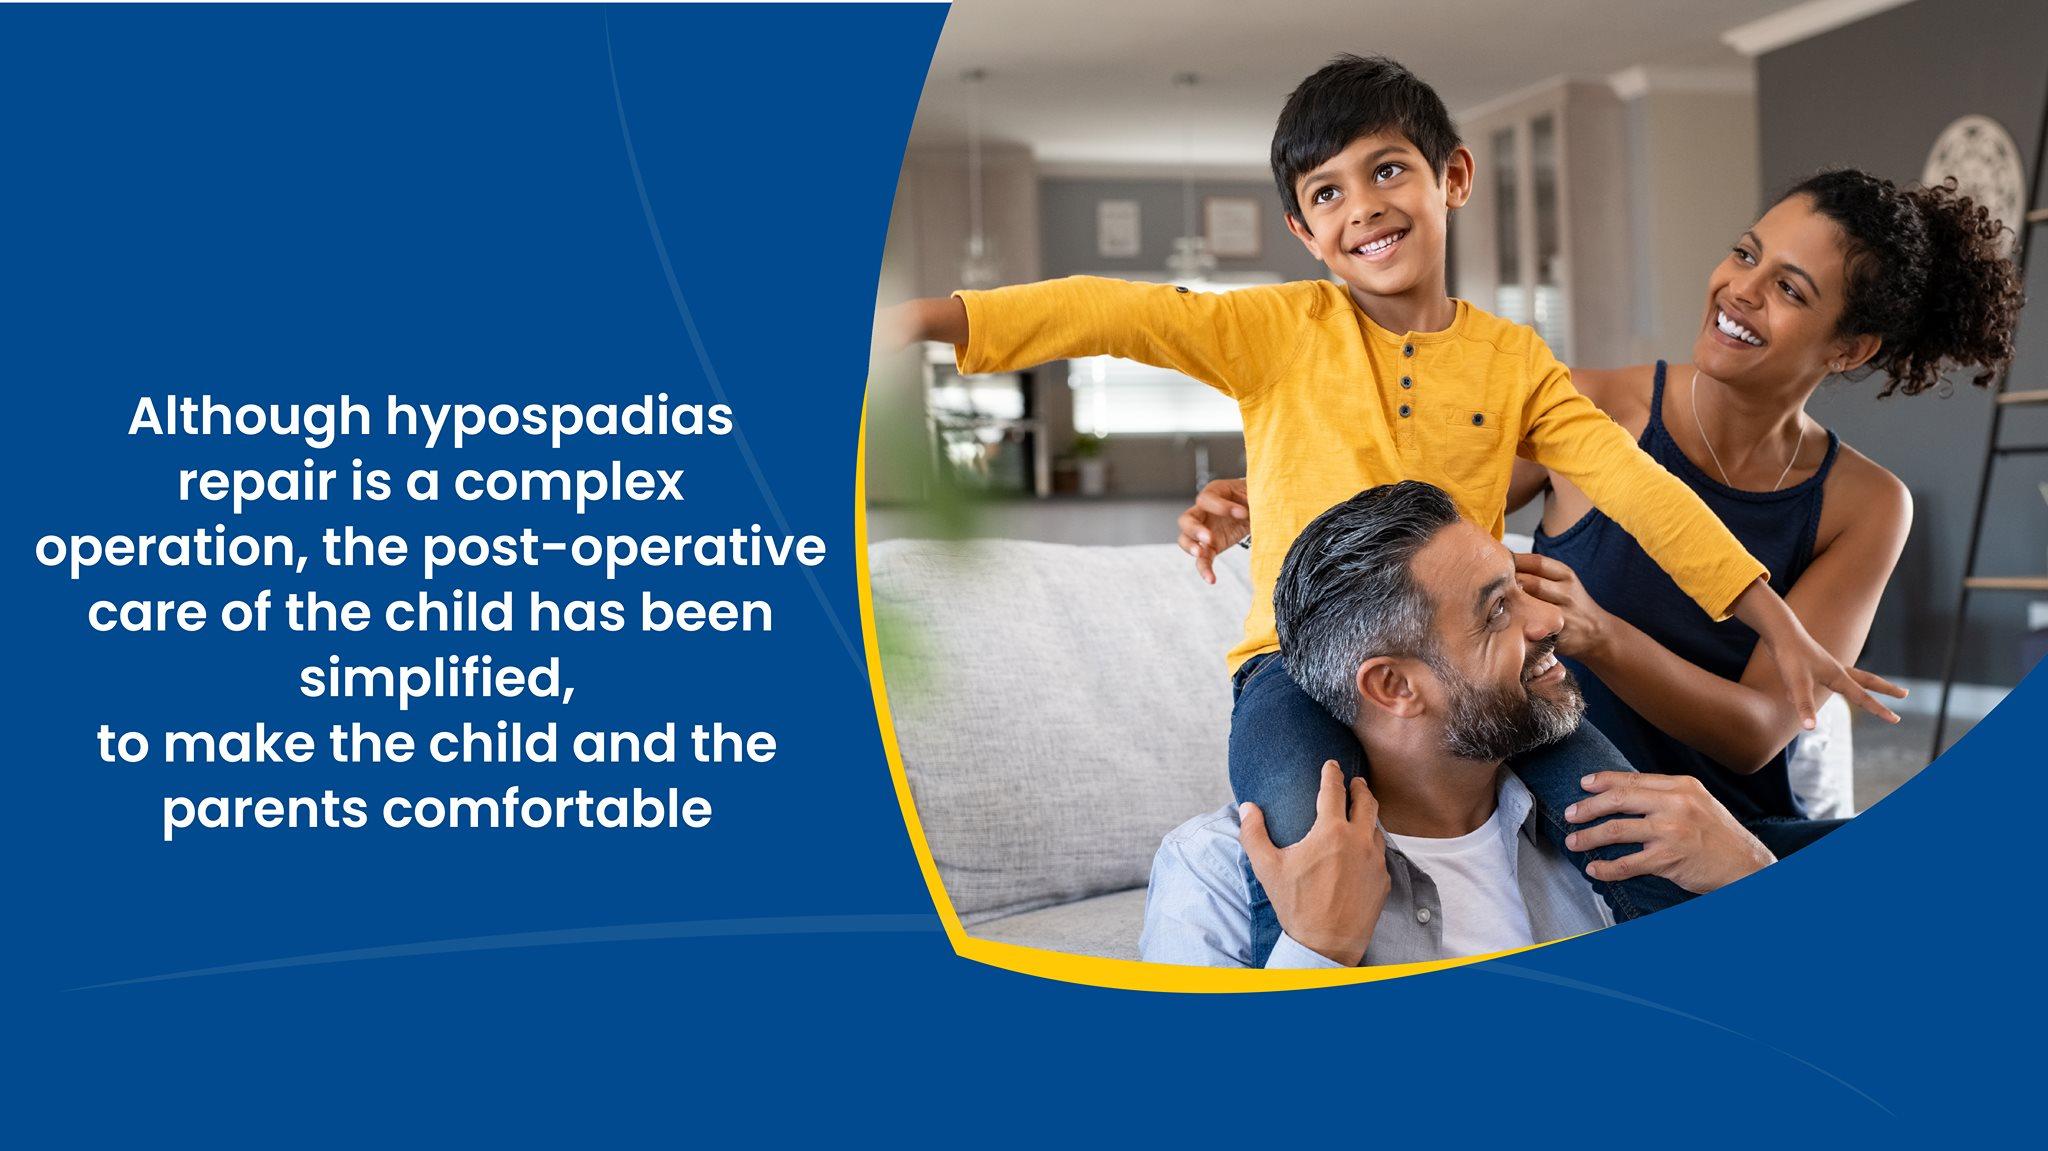 Although hypospadias repair